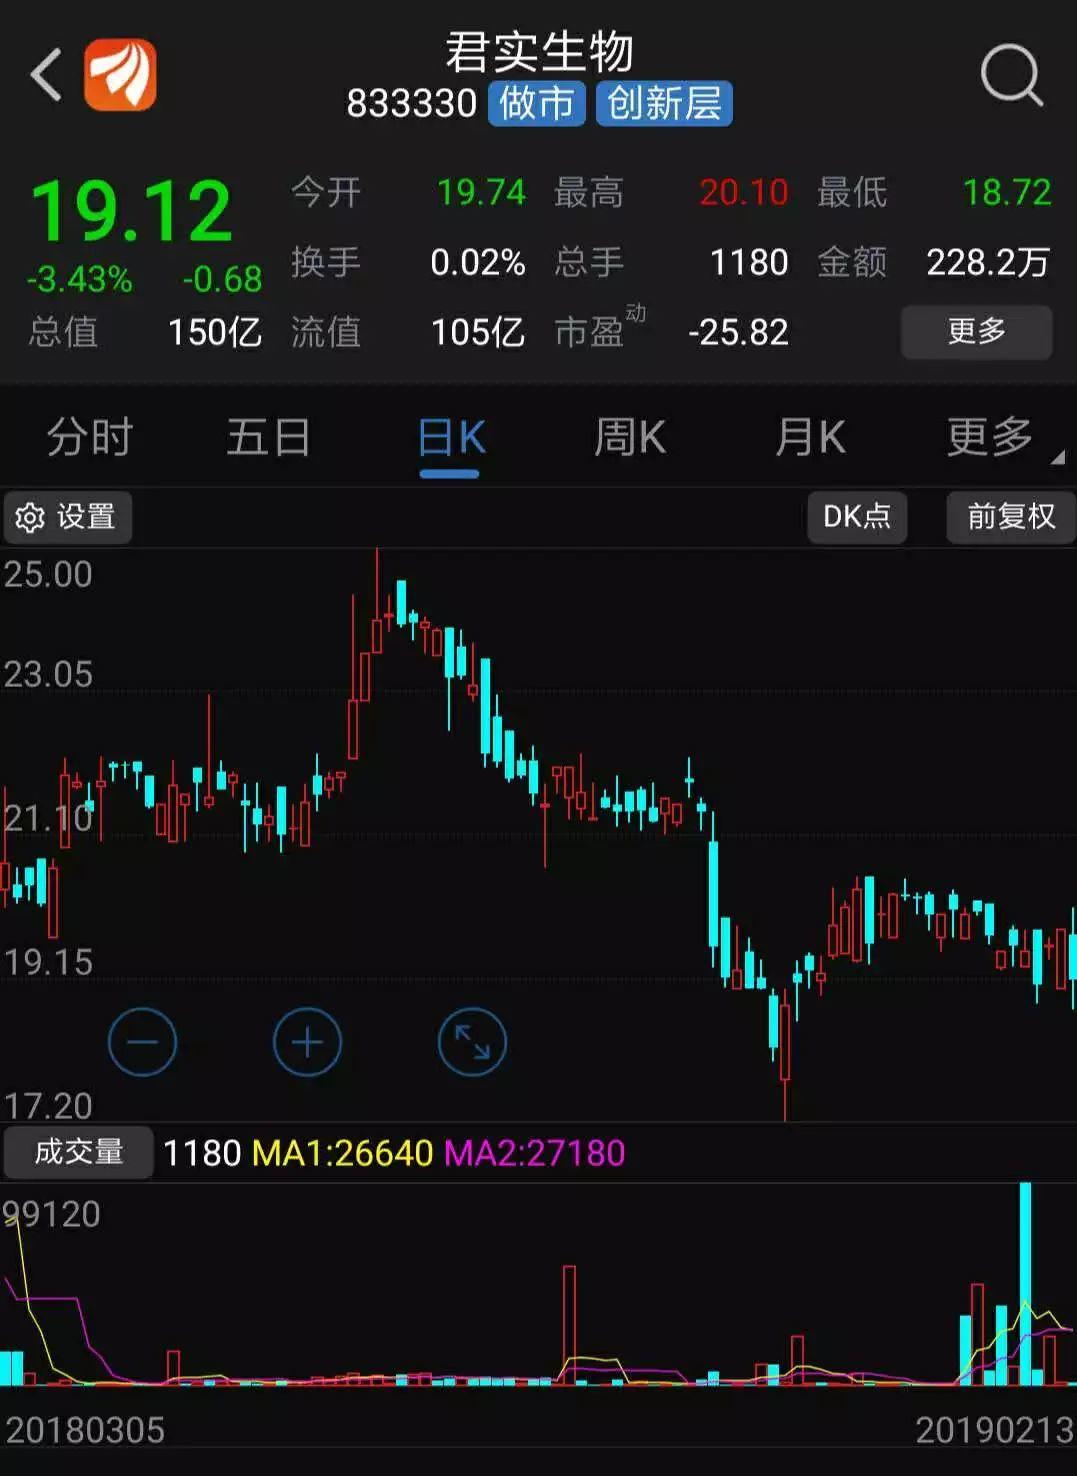 新三板公司赴港上市观察:股价从溢价到折价、市值差距在缩小、推进速度有放缓!